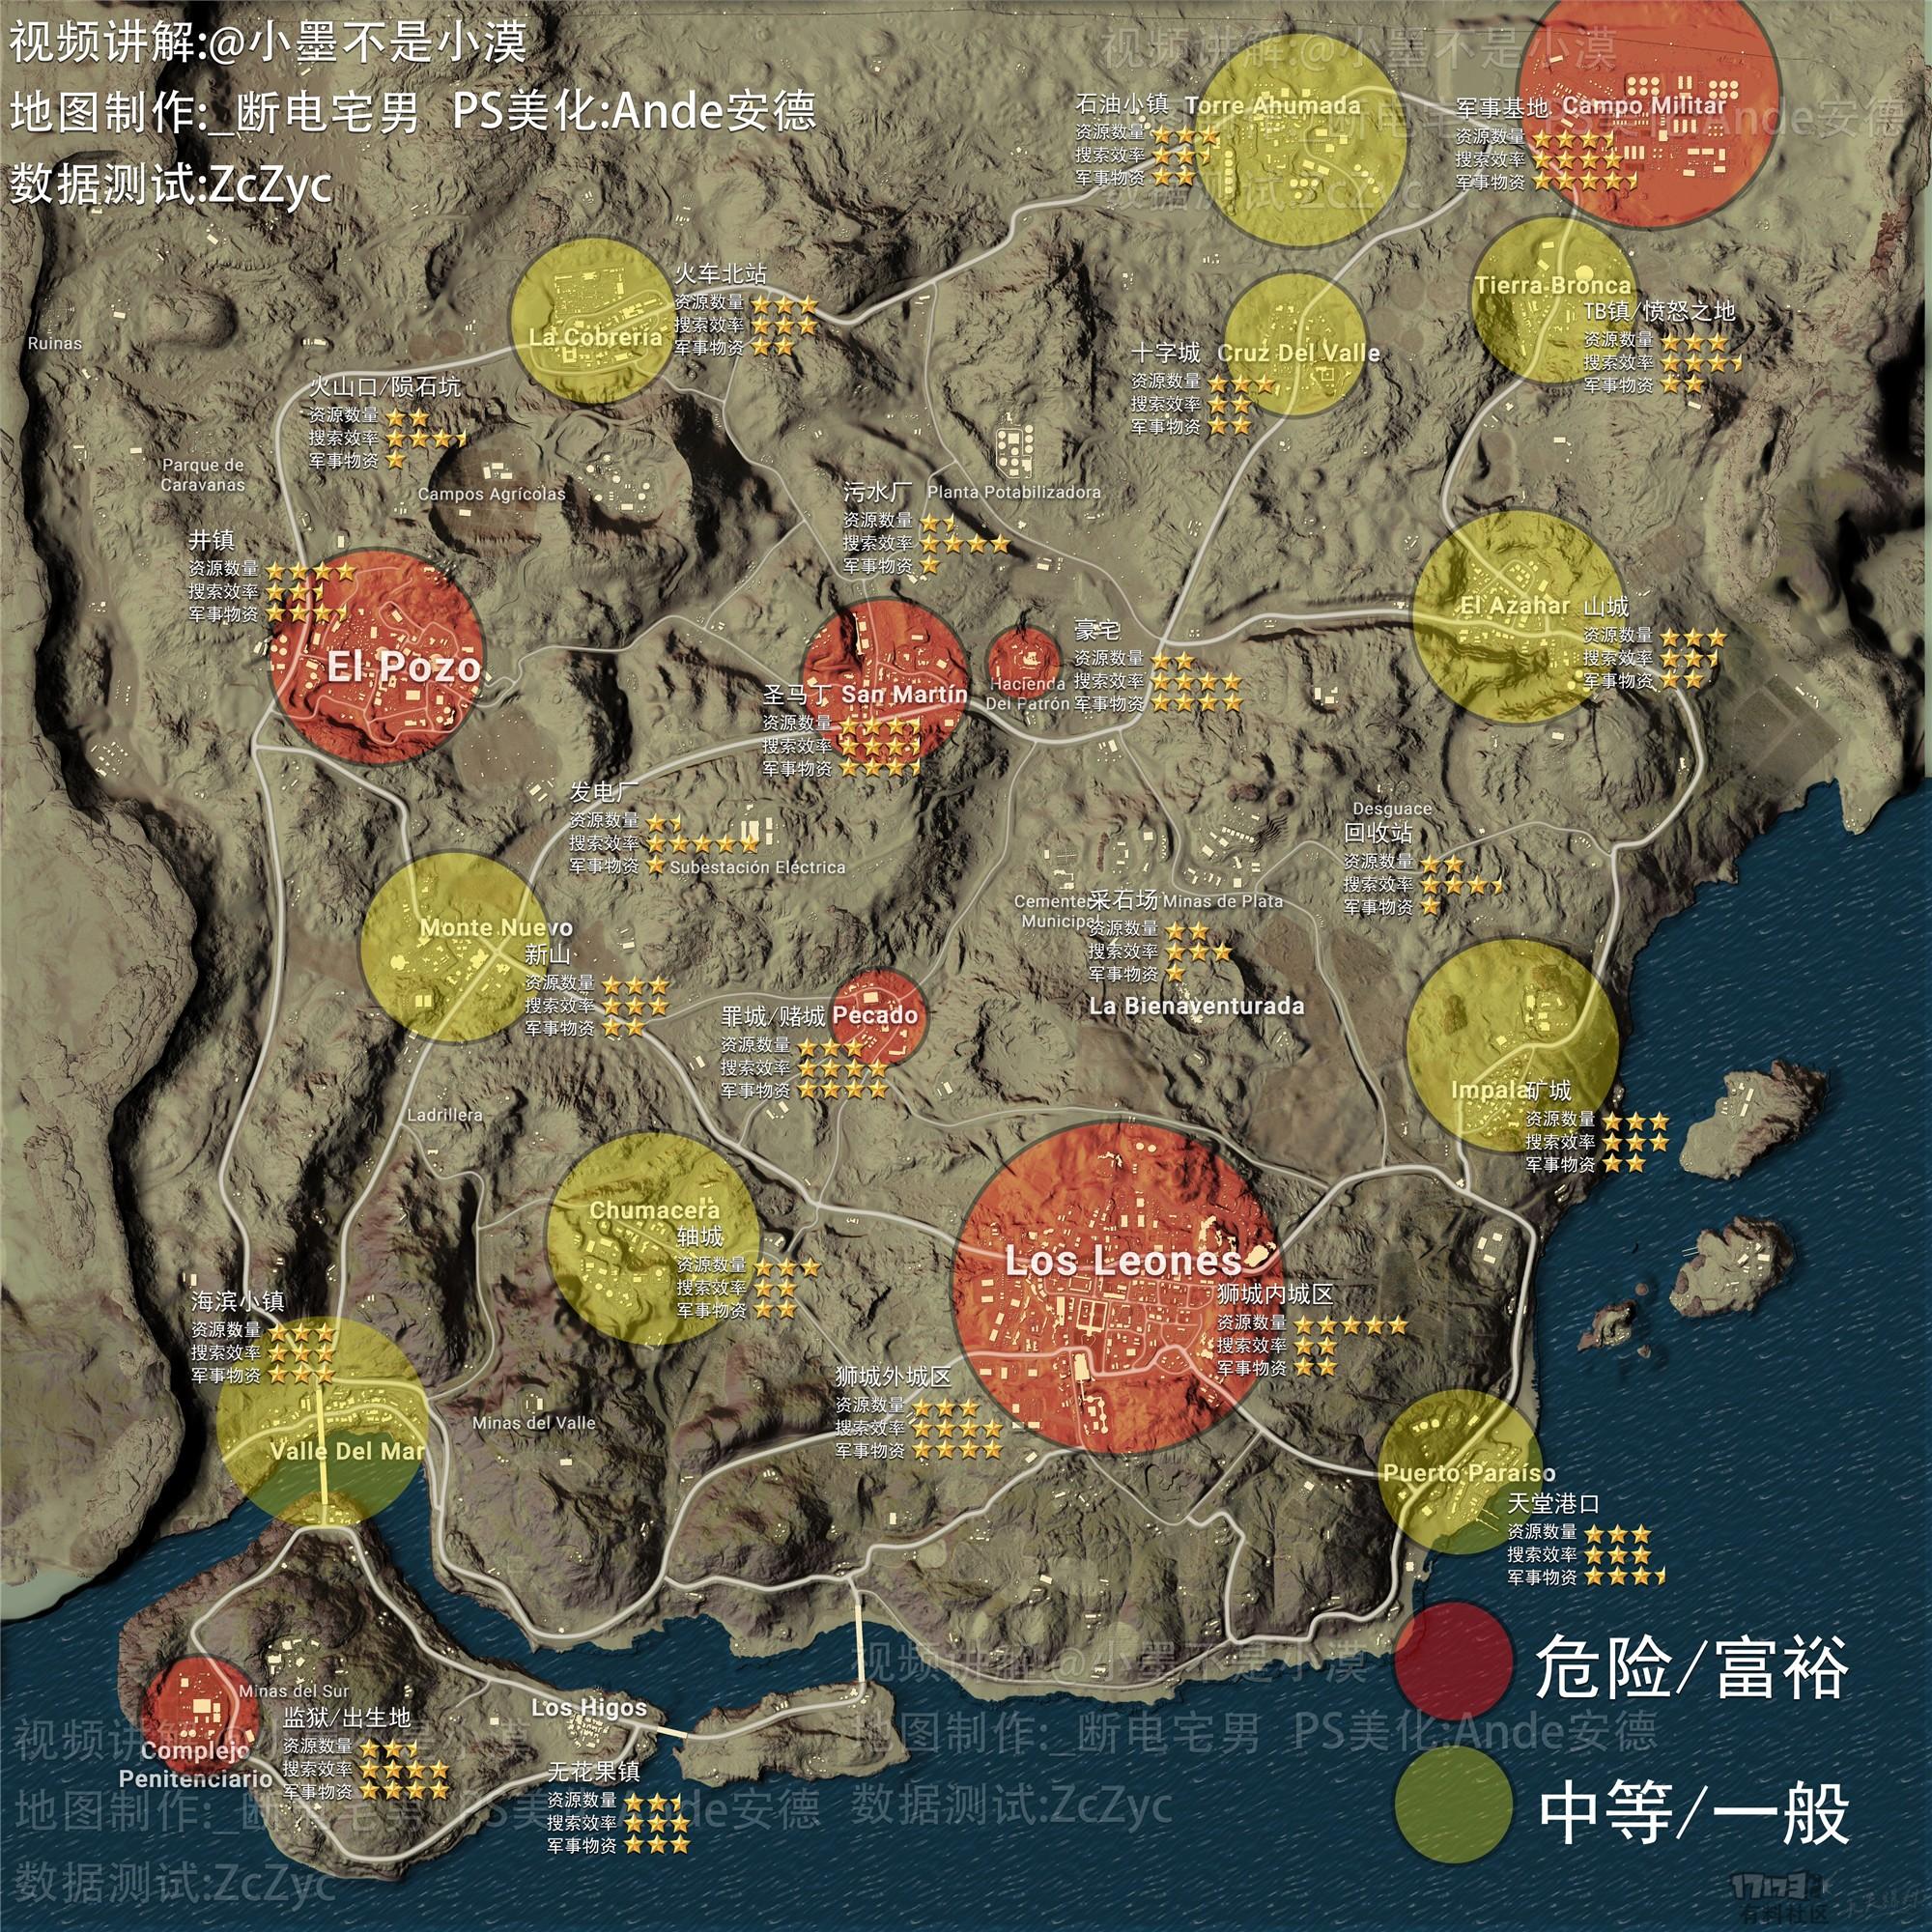 沙漠地图资源分析.jpg